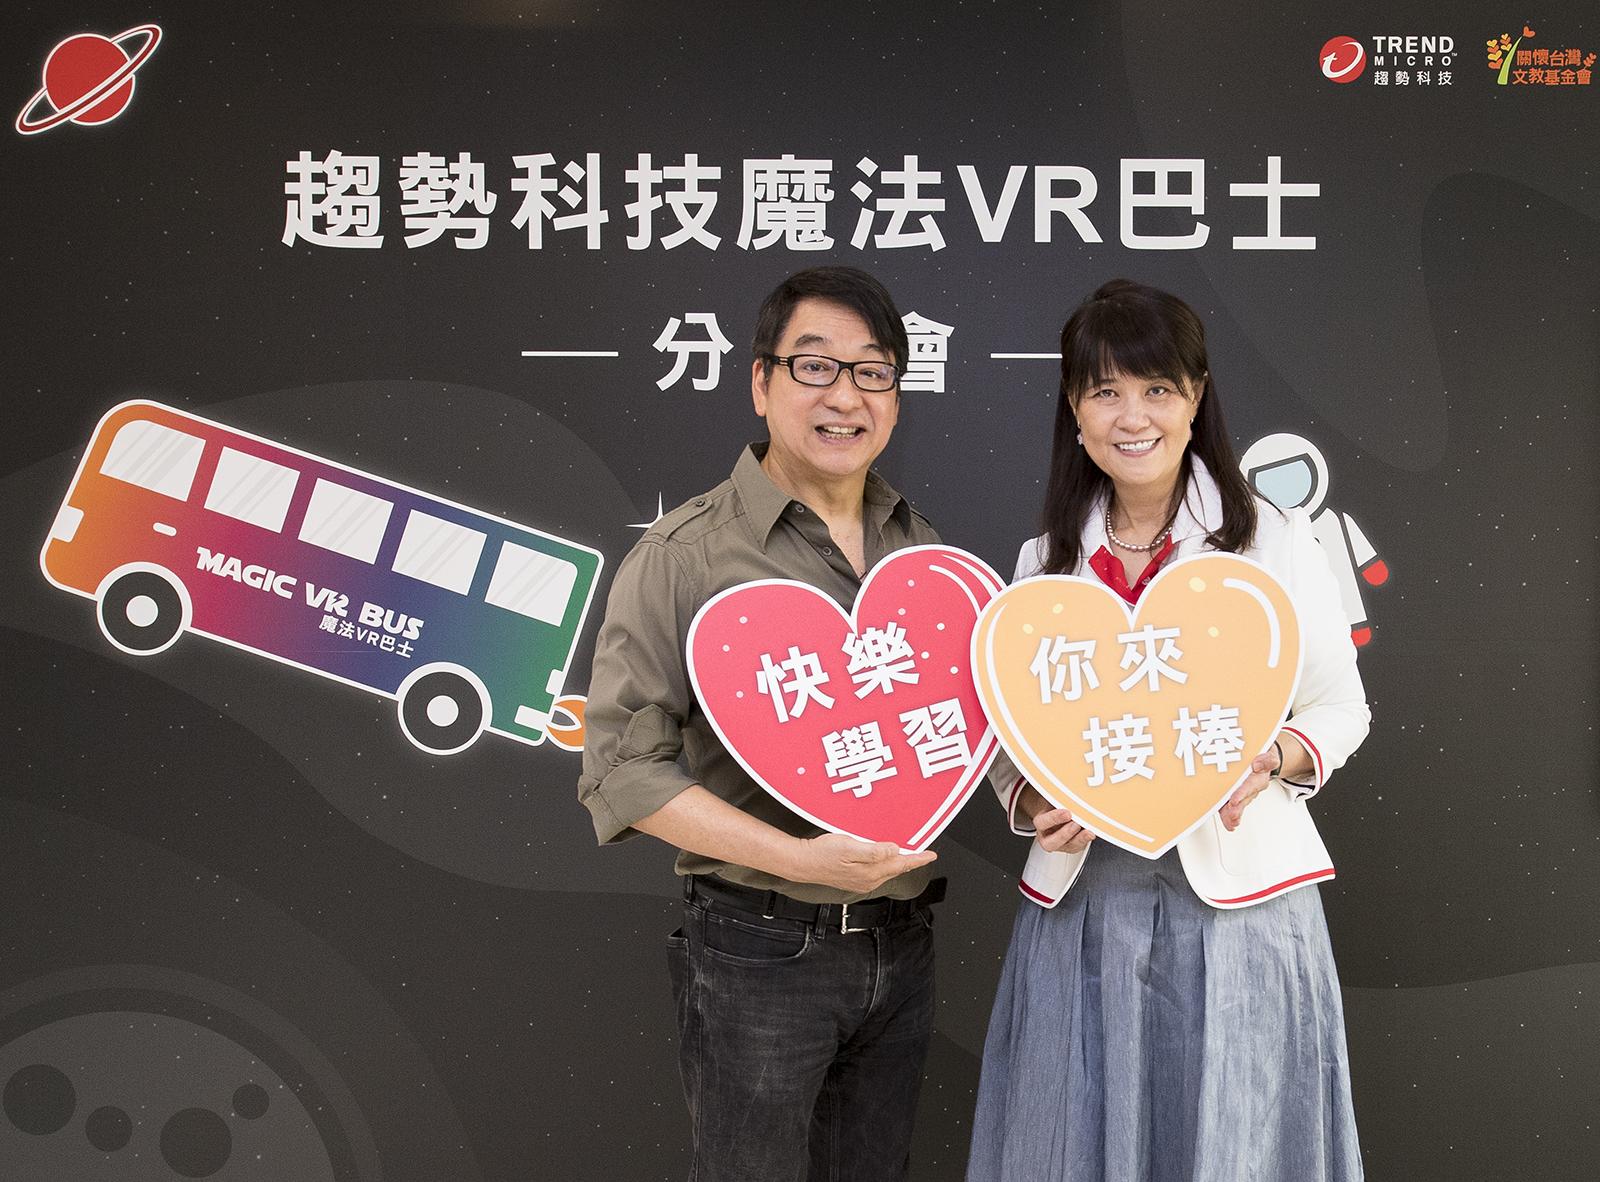 趨勢科技VR星際魔法巴士奔馳於台灣各偏鄉小學的身影將告一段落,任務圓滿達成!趨勢科技將免費提供此套VR星際天文版的教學軟體給台灣的學校及教育業界申請使用